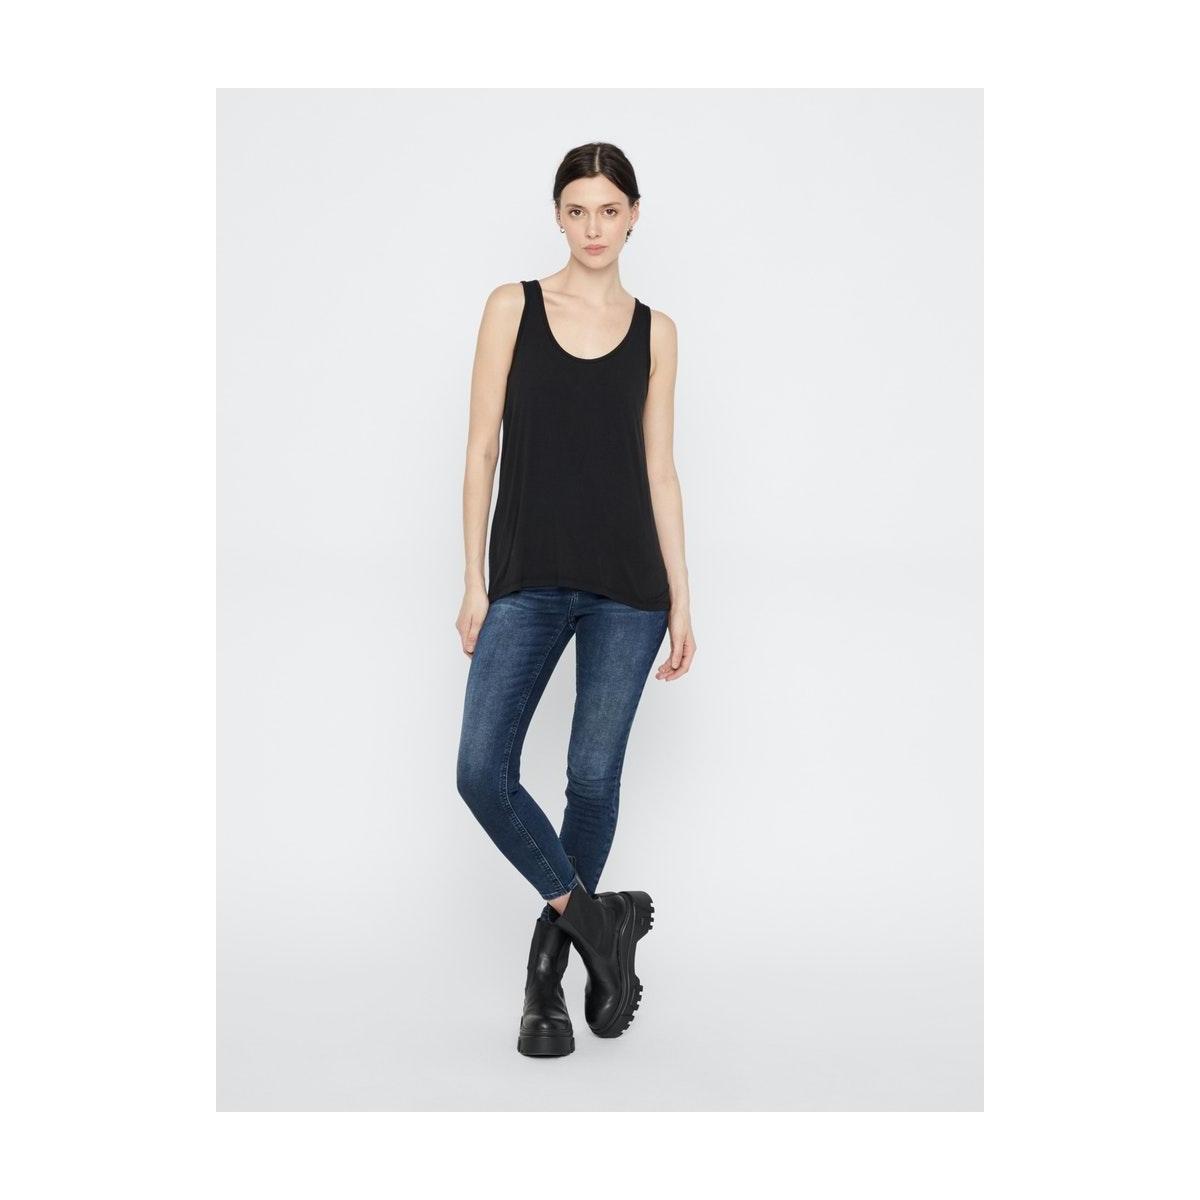 pcdelly skn mw cr db333-ba/noos bc 17106120 pieces jeans dark blue denim